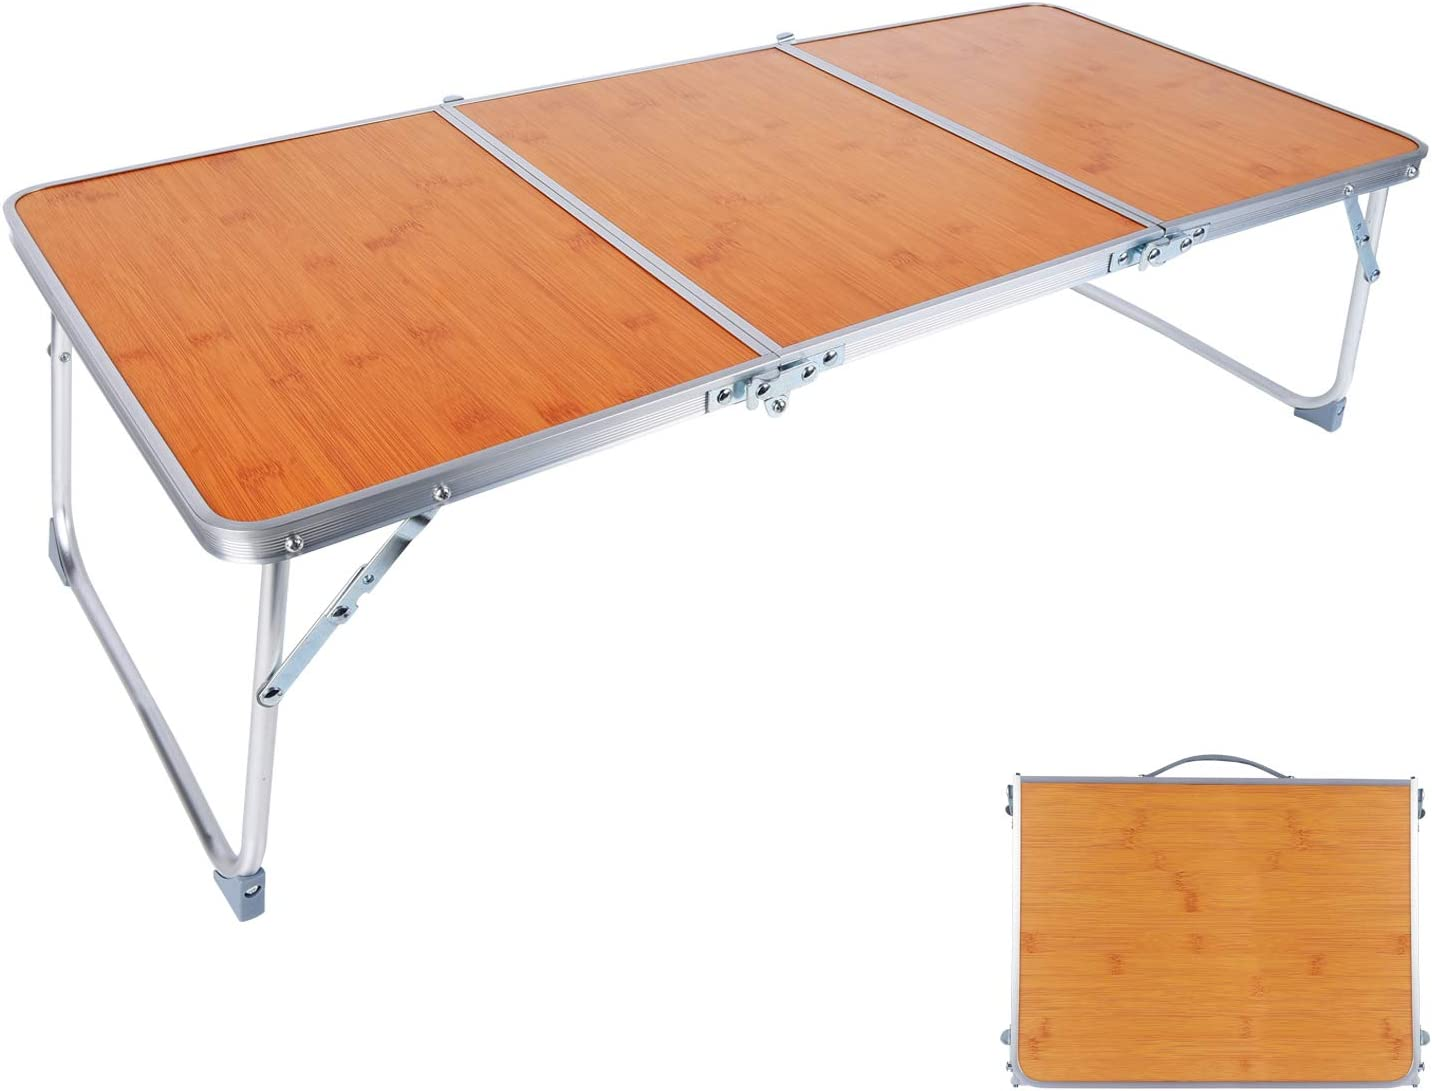 おすすめローテーブル,激安,安いローテーブル,折りたたみ式ローテーブル,一人暮らし,テレワーク